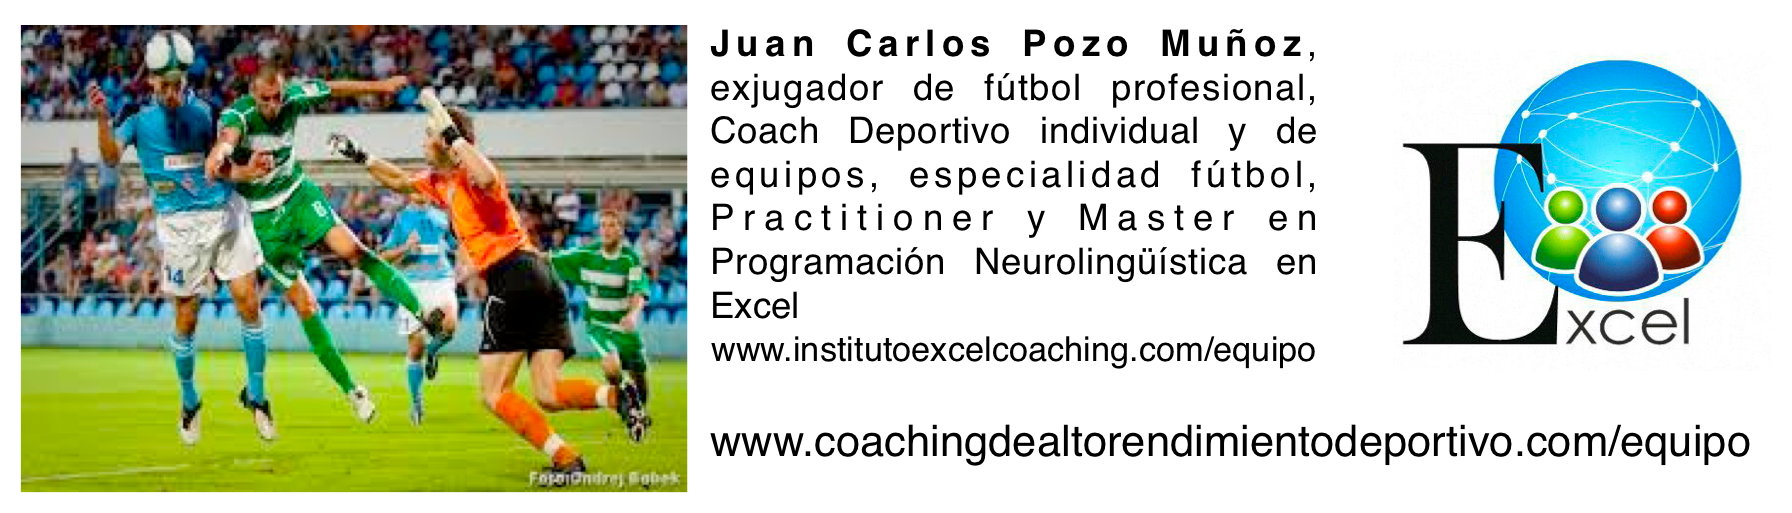 Juan Carlos coaching fútbol JPEG